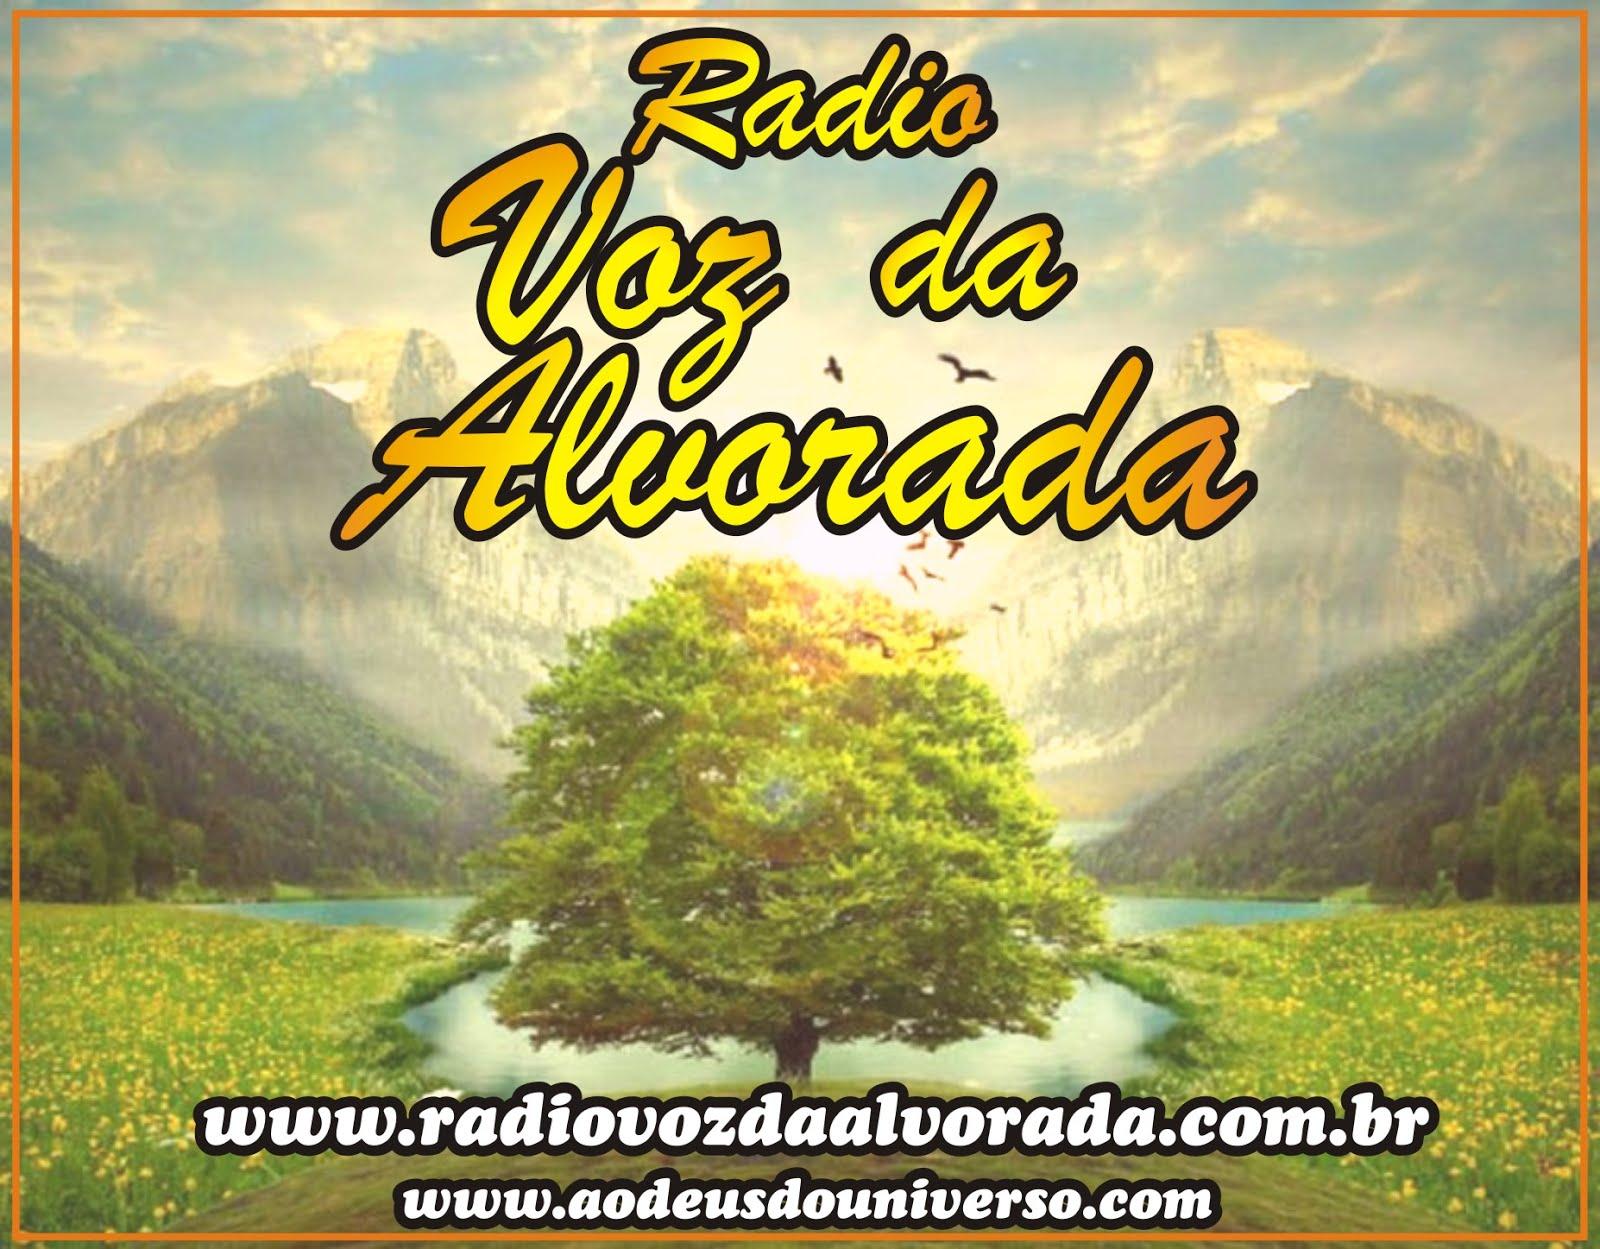 Rádio Voz da Alvorada